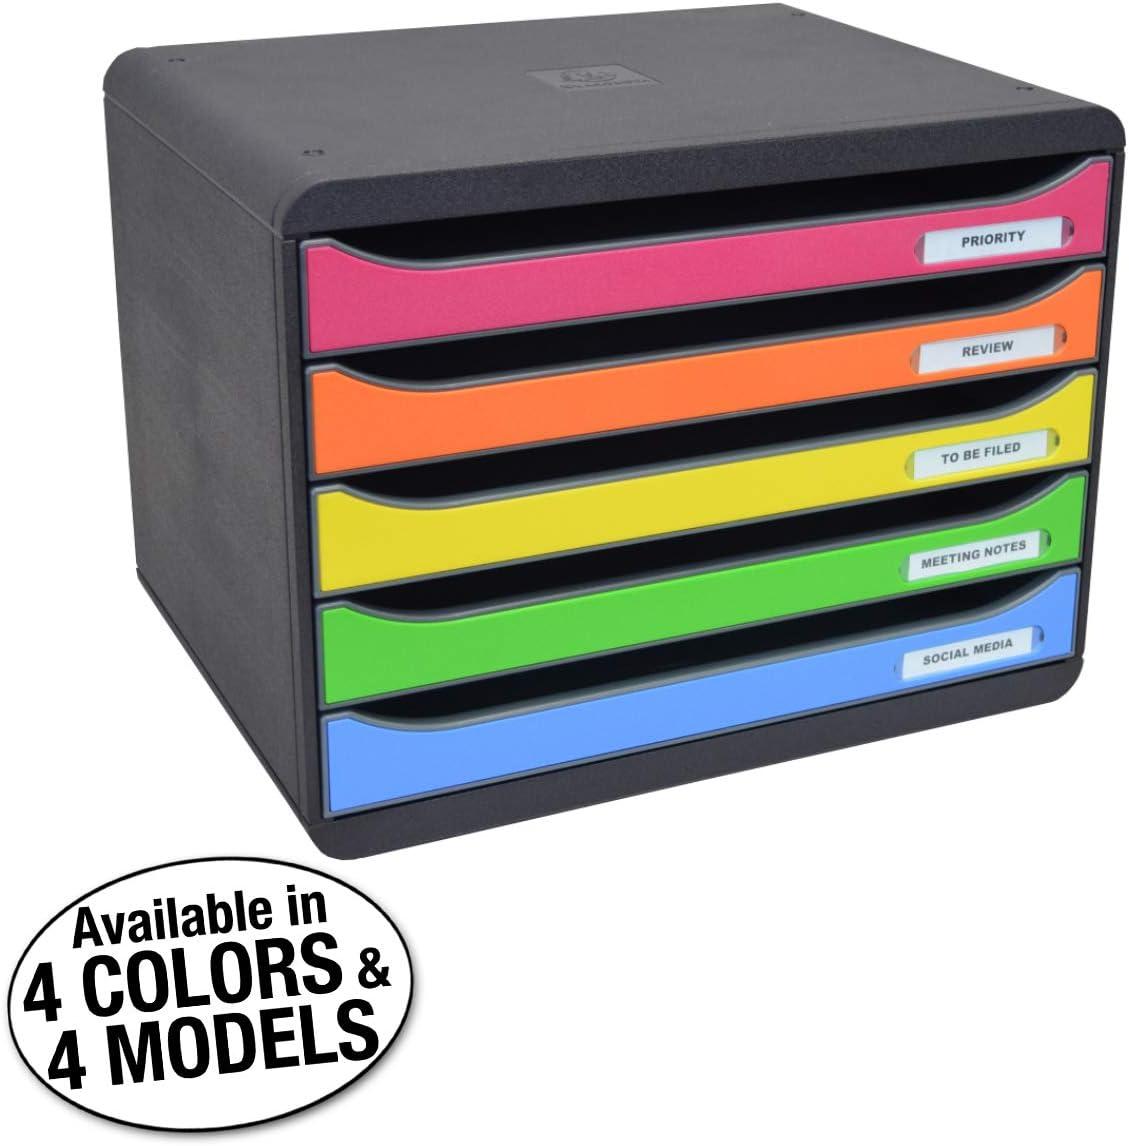 Ultimate Office MultiDrawer Desktop File Organizer Sorter Storage Box, 5 Drawer Black w/Assorted Color Fronts